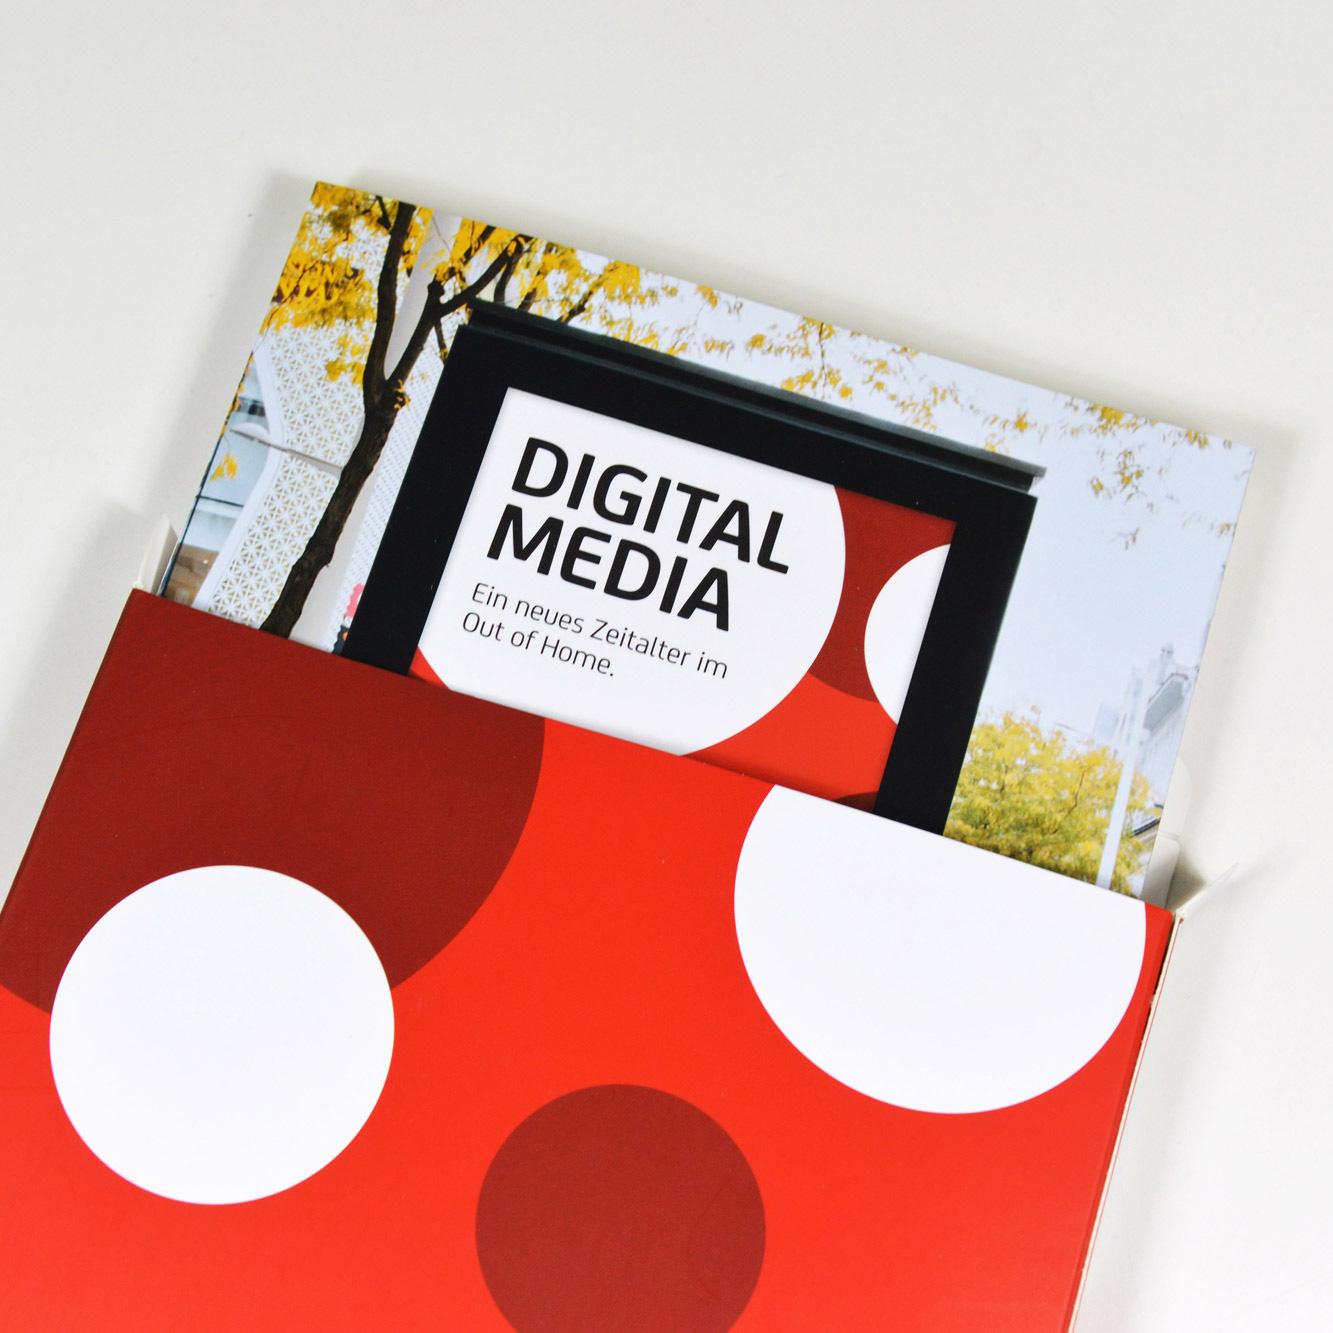 Digital Media Mailing